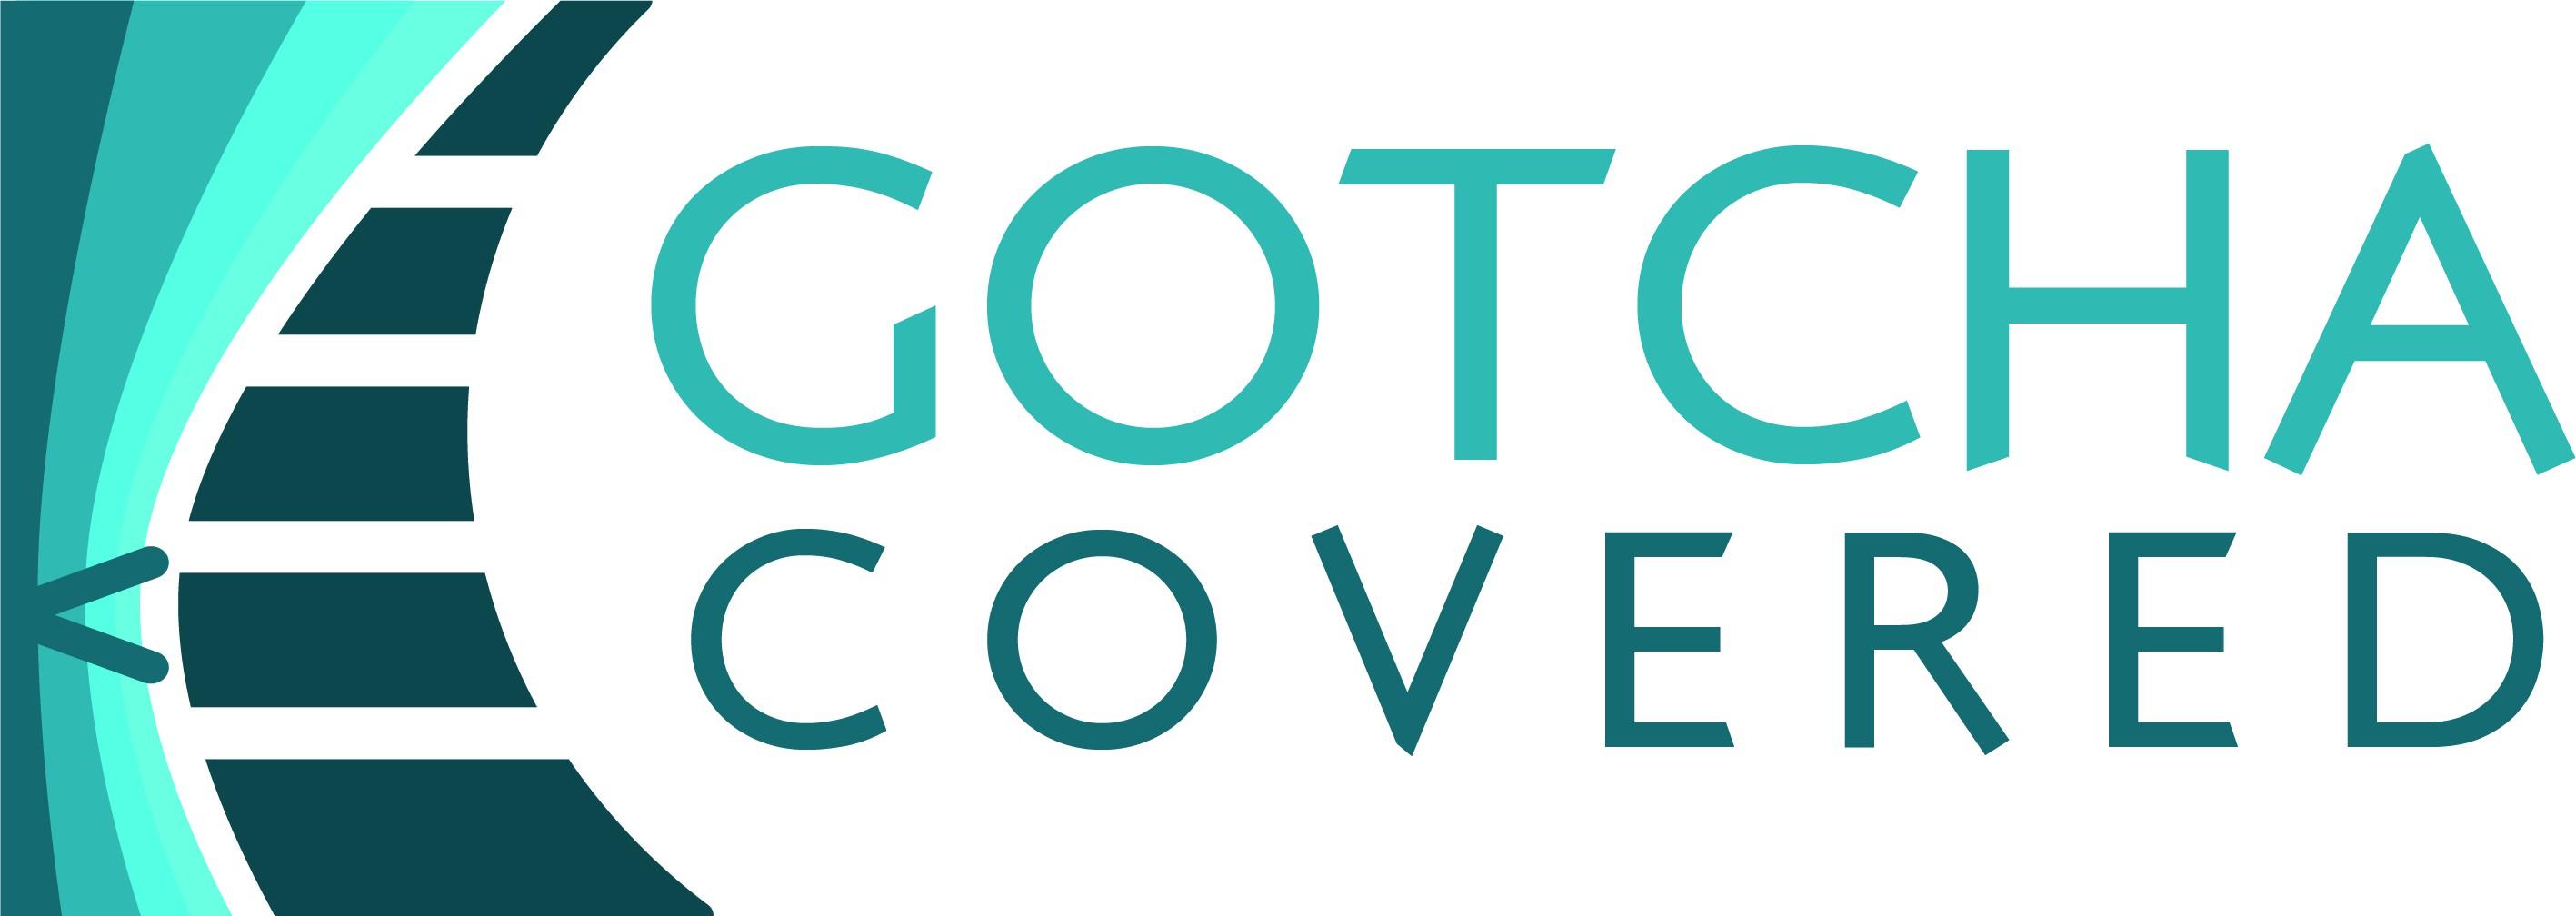 Gotcha Covered Needs a Makeover!